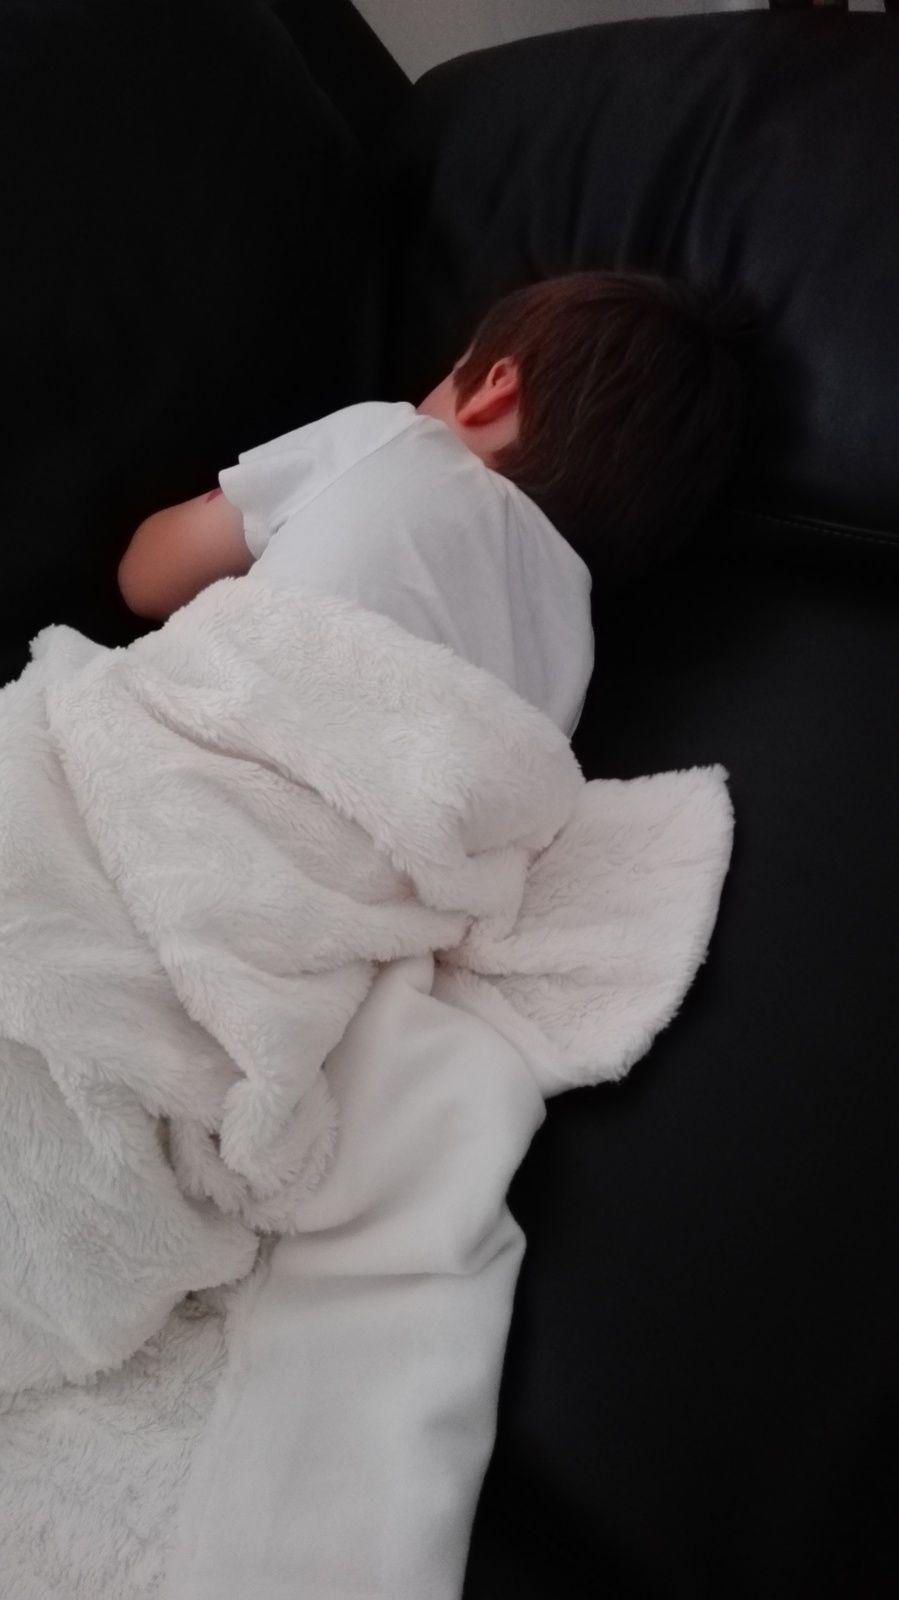 Mon loulou si petit quand il dort...